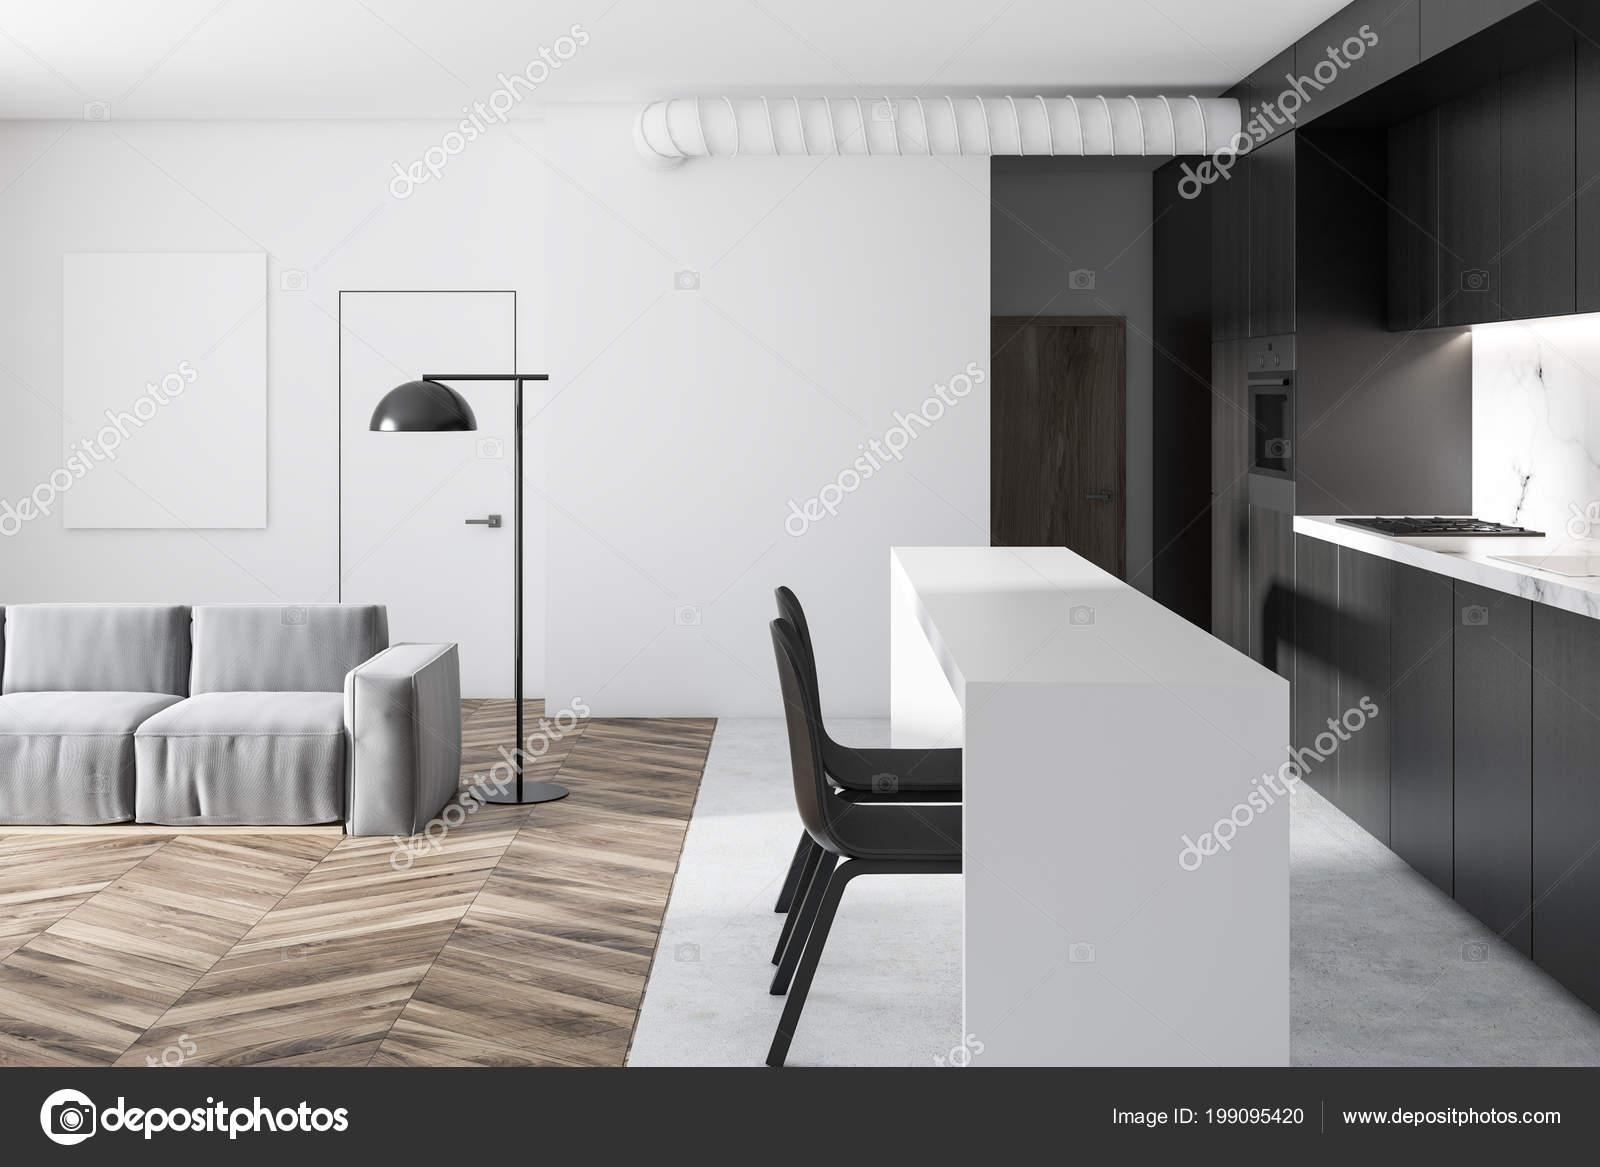 Woonkamer Zwarte Keuken : Witte zwarte keuken woonkamer interieur een studio met een houten